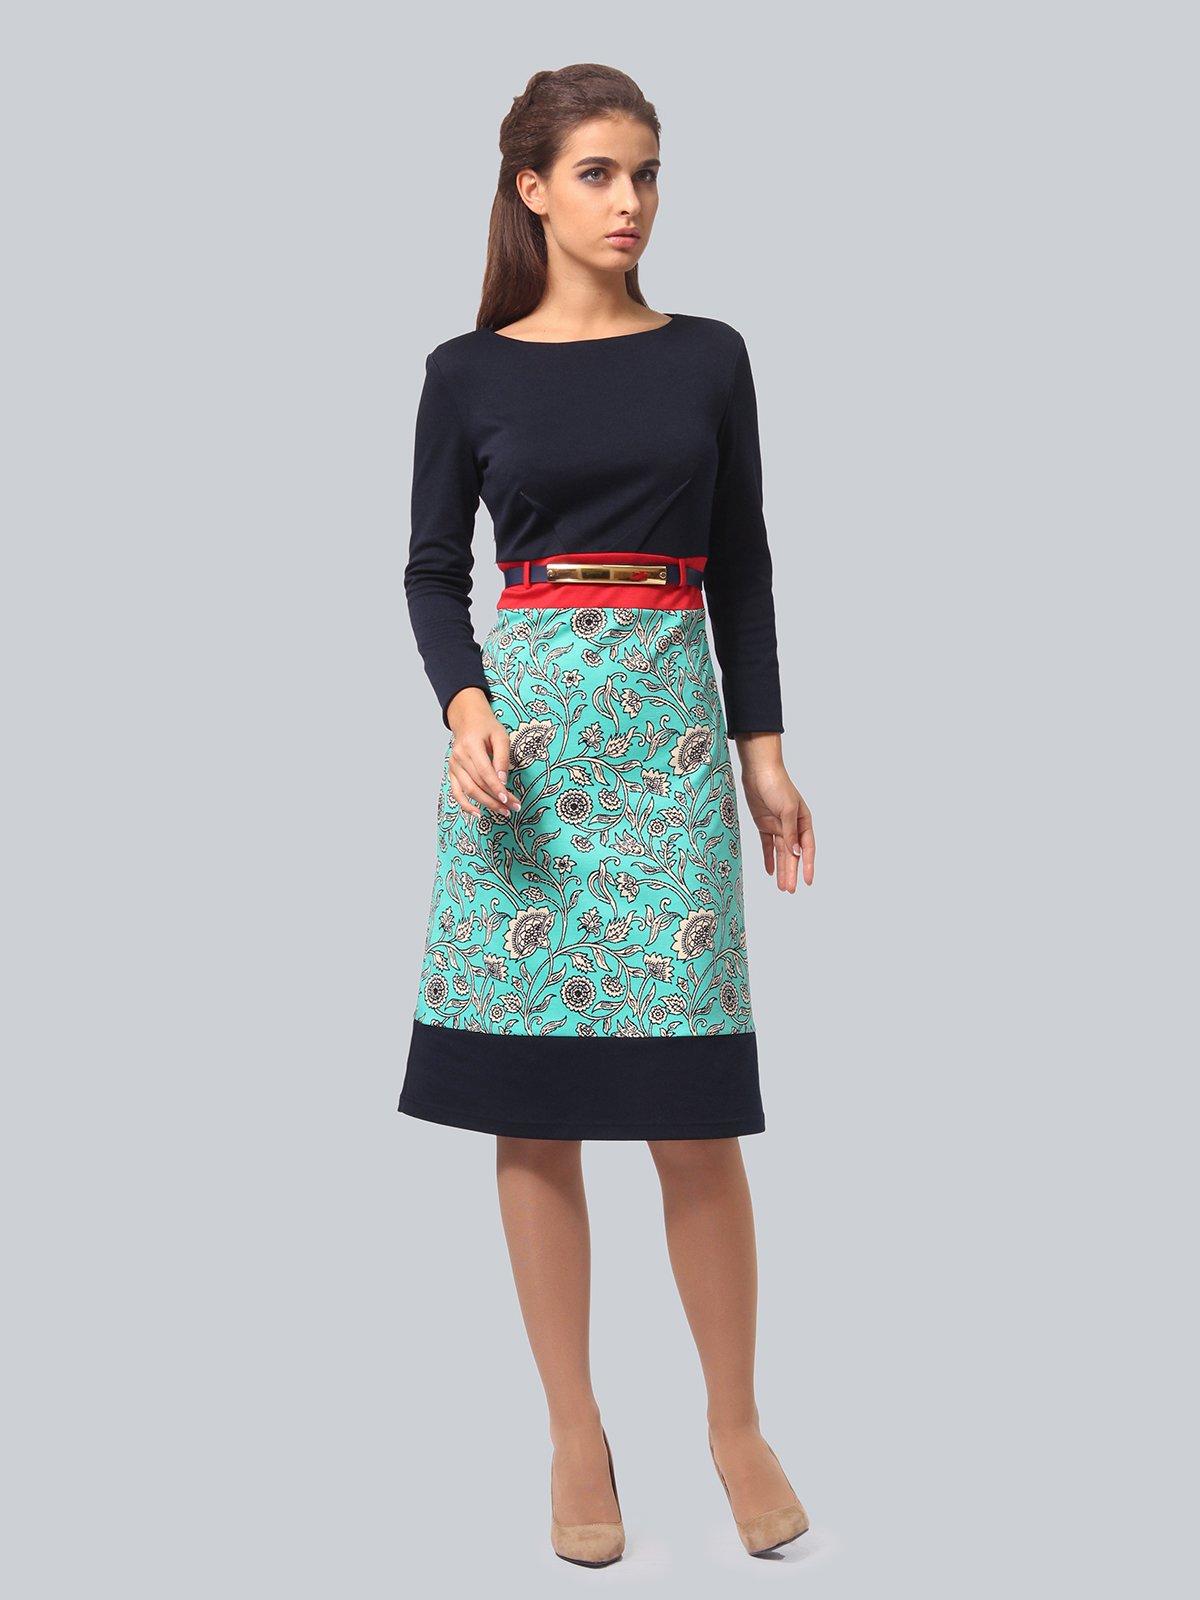 Платье двухцветное с принтом   4090671   фото 2